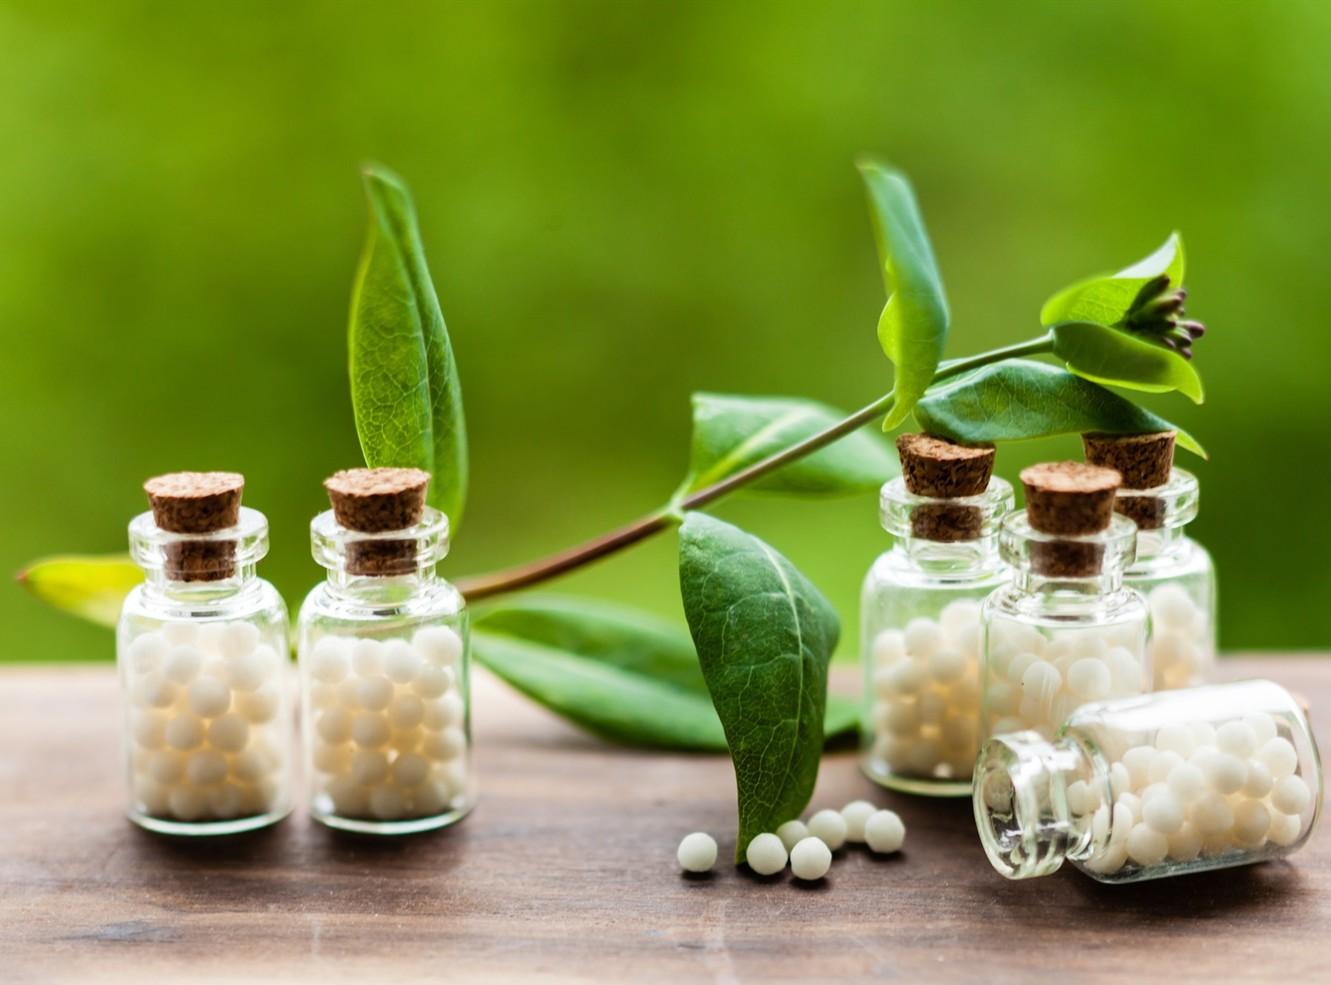 UK: NHS Ends Homeopathy 1